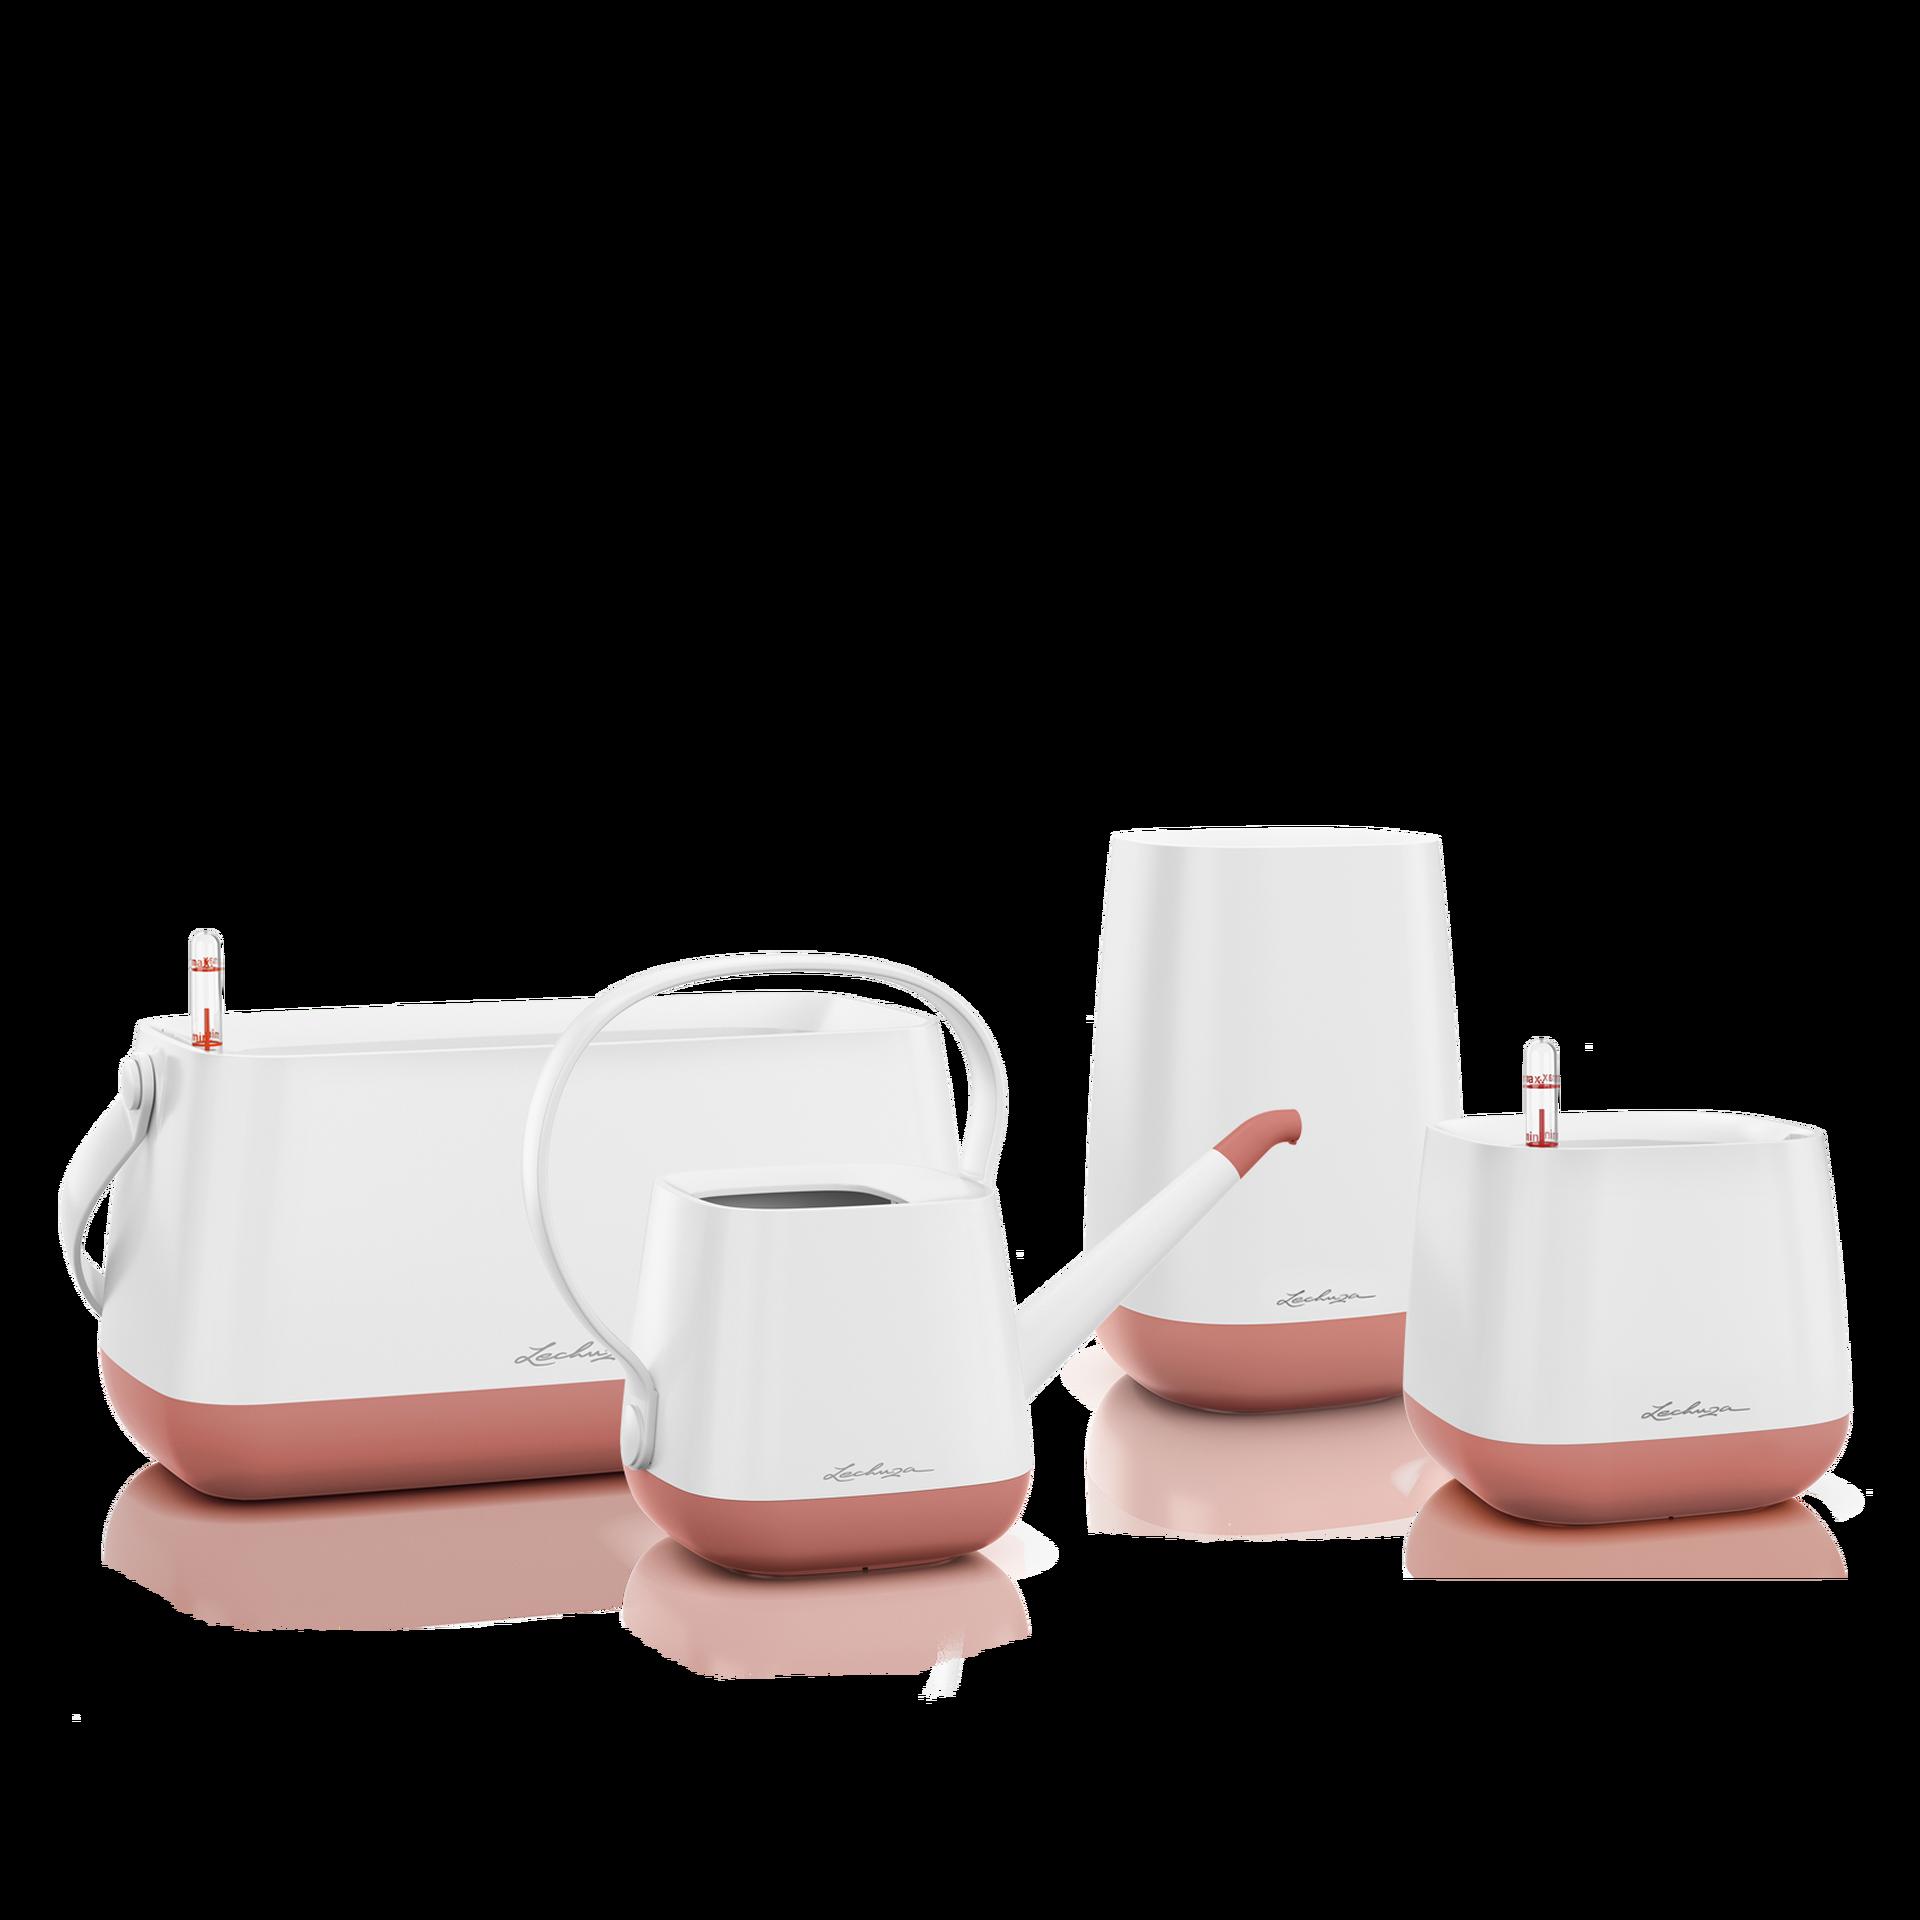 Set YULA blanco/rosa perlado satinado